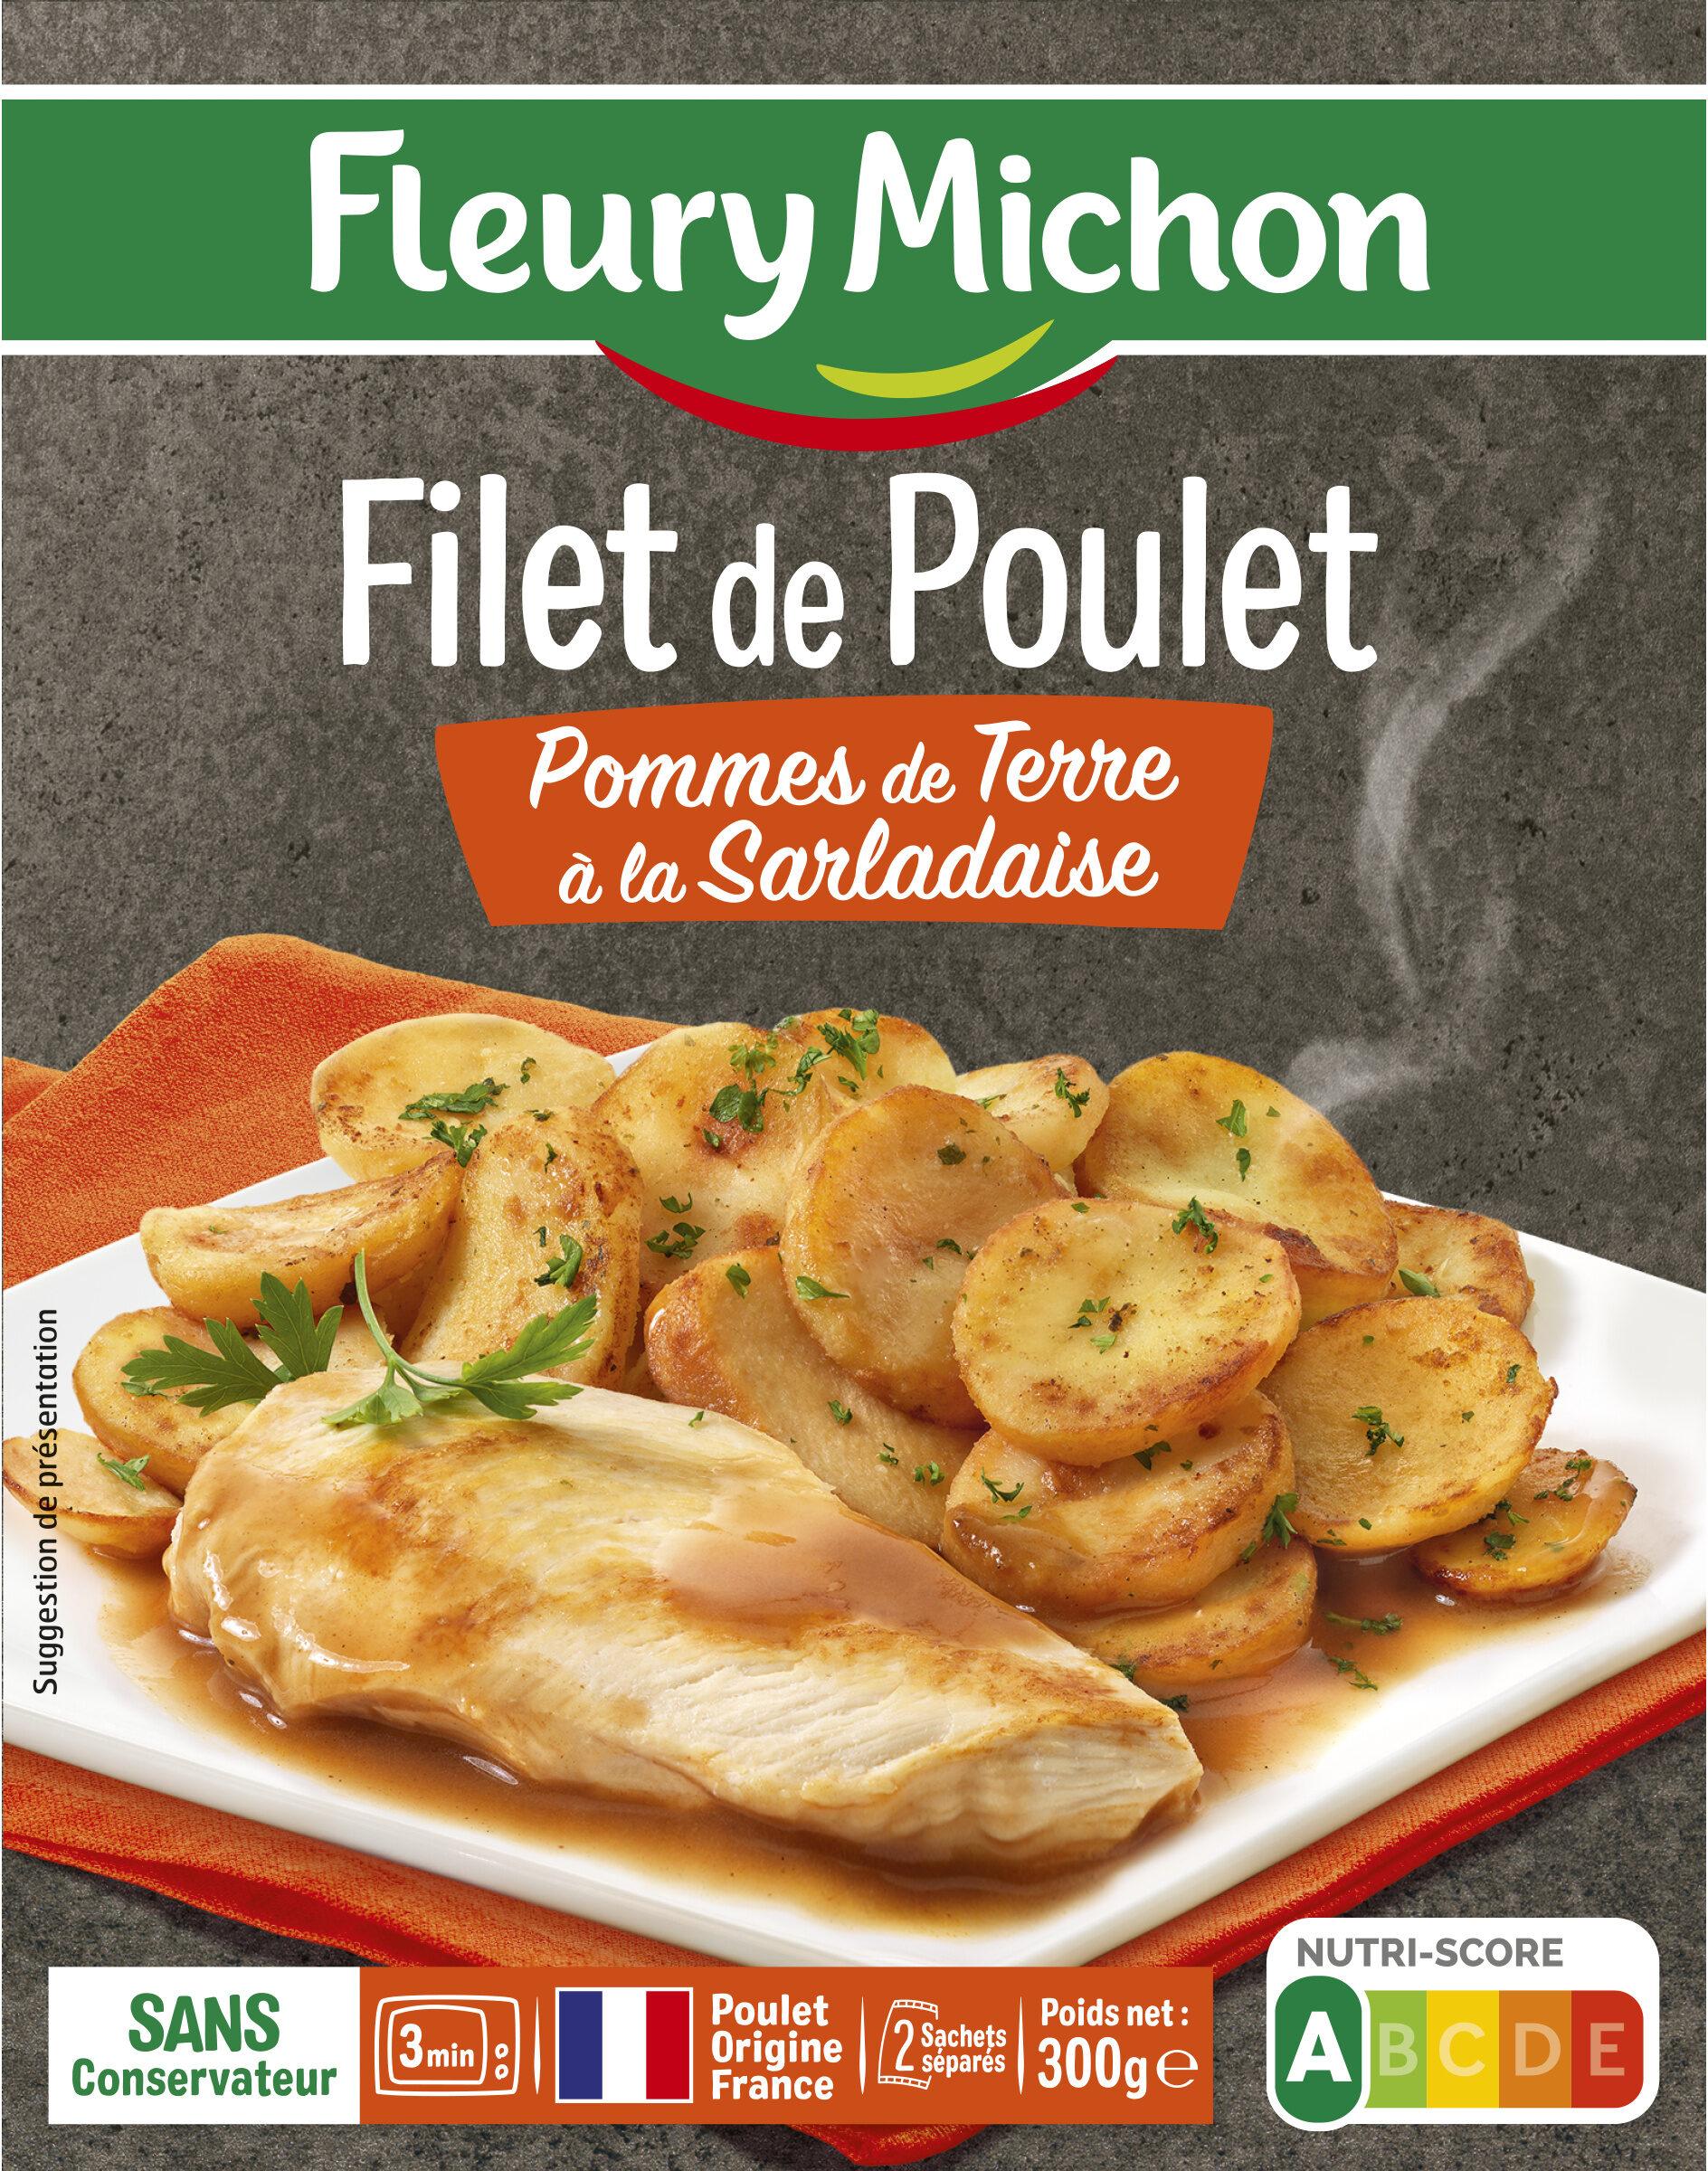 Filet de Poulet Pommes de Terre à la Sarladaise - Product